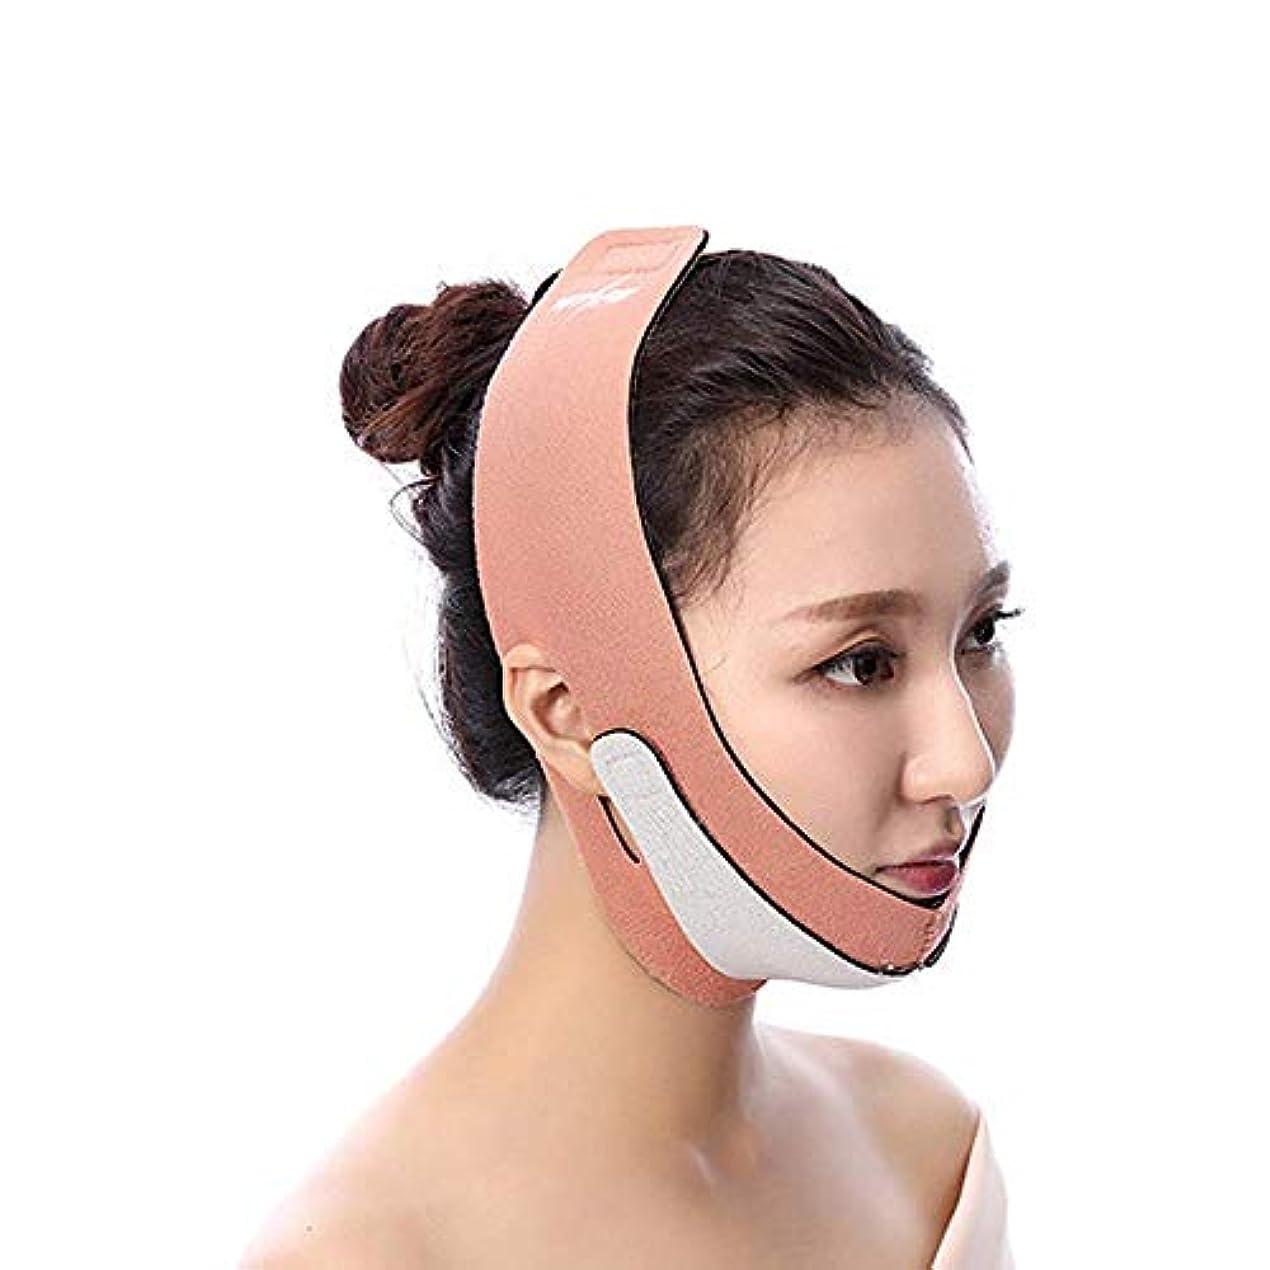 農村ドーム分解する薄型フェイスマスク、フェイスリフティングに最適、フェイスバンドを持ち上げてスキン包帯を引き締める、チークチンリフティング、スキン包帯を引き締める(フリーサイズ)(カラー:オレンジ),オレンジ